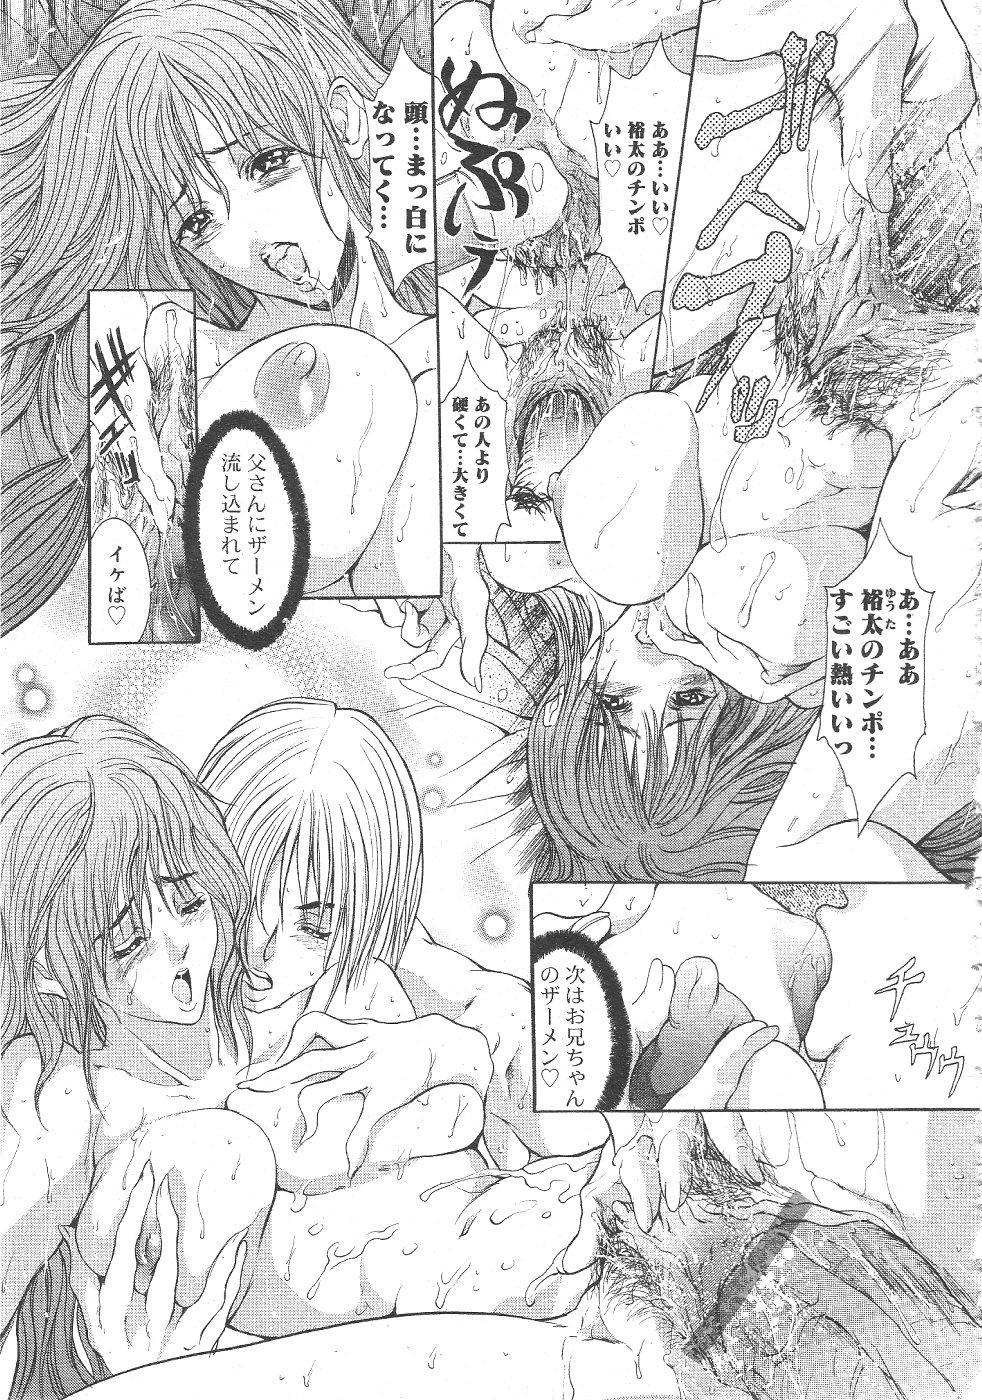 Gekkan Comic Muga 2004-06 Vol.10 110